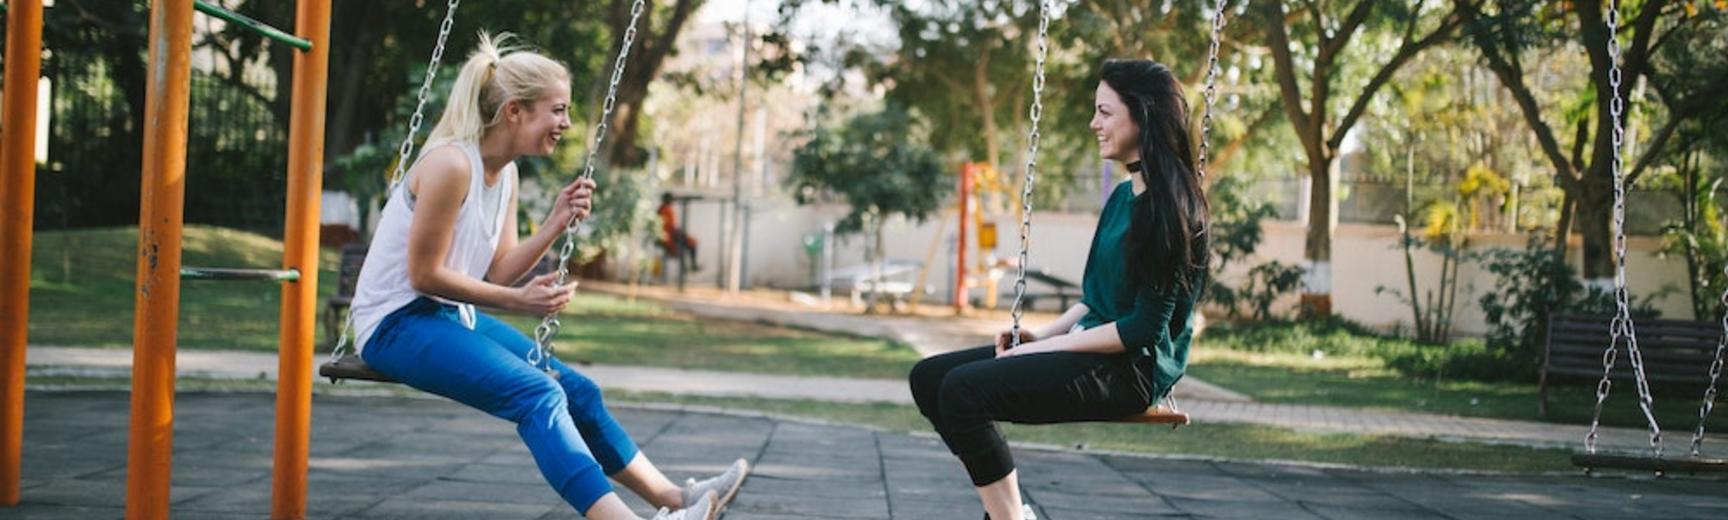 Friends sit on park swings